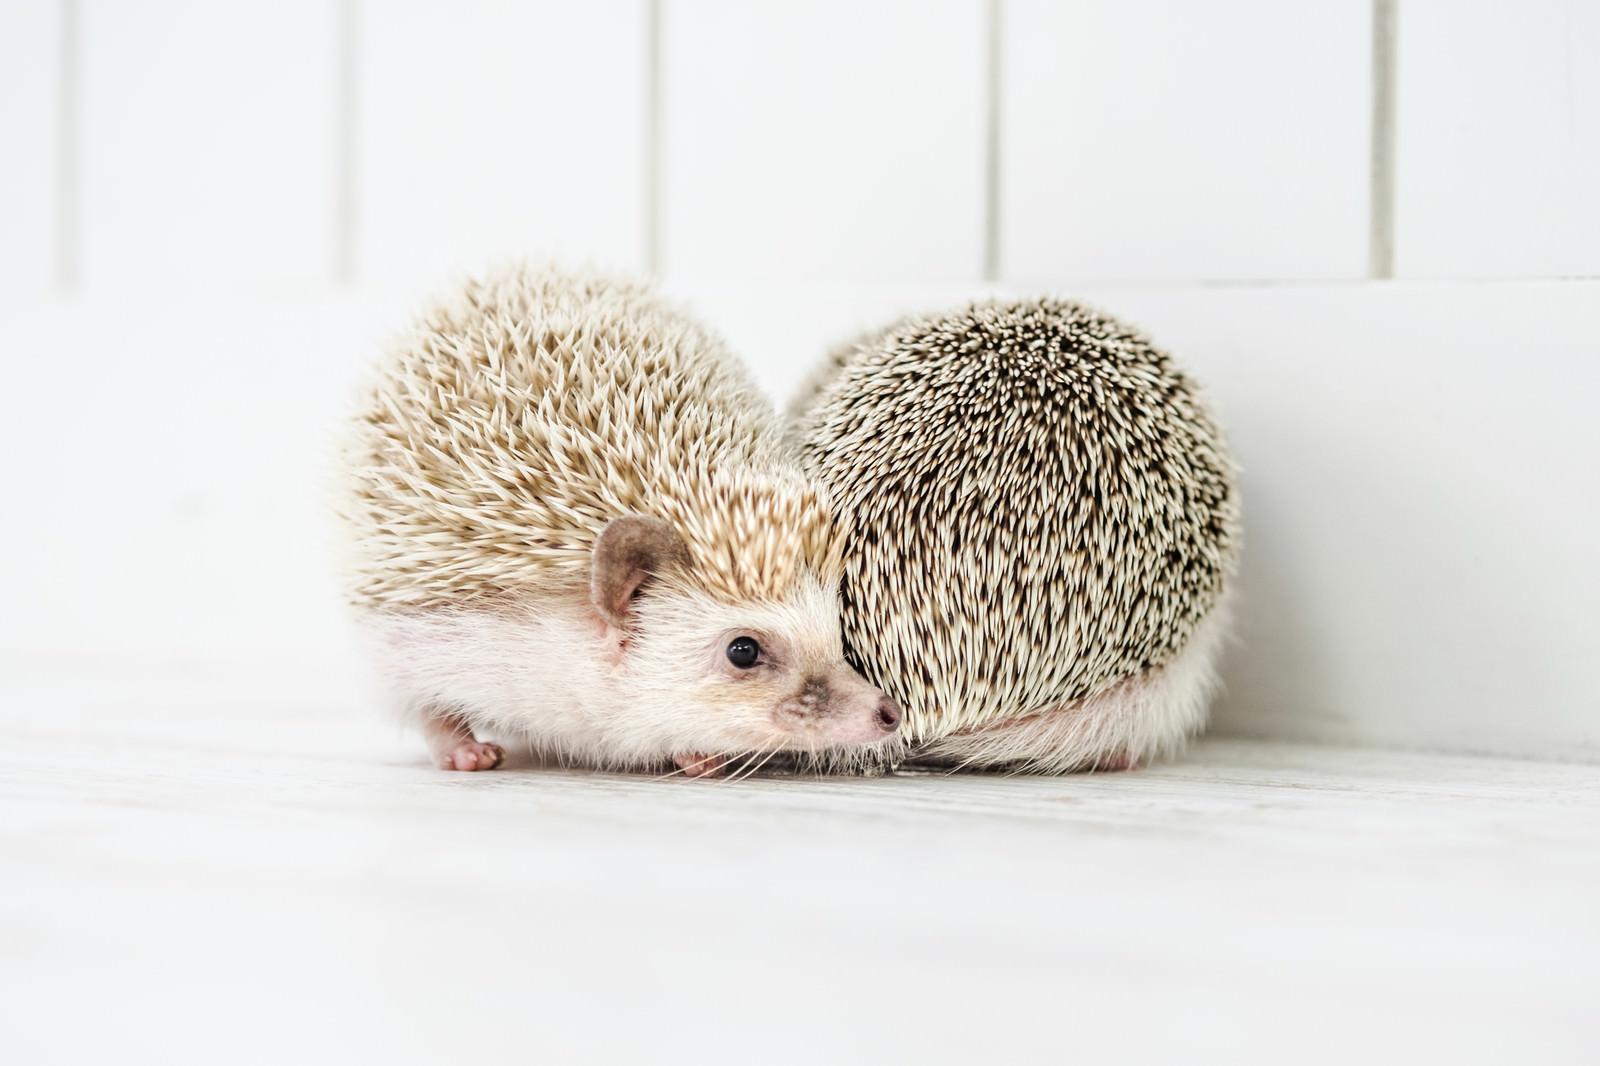 「壁際で求愛しあう二匹のハリネズミ」の写真